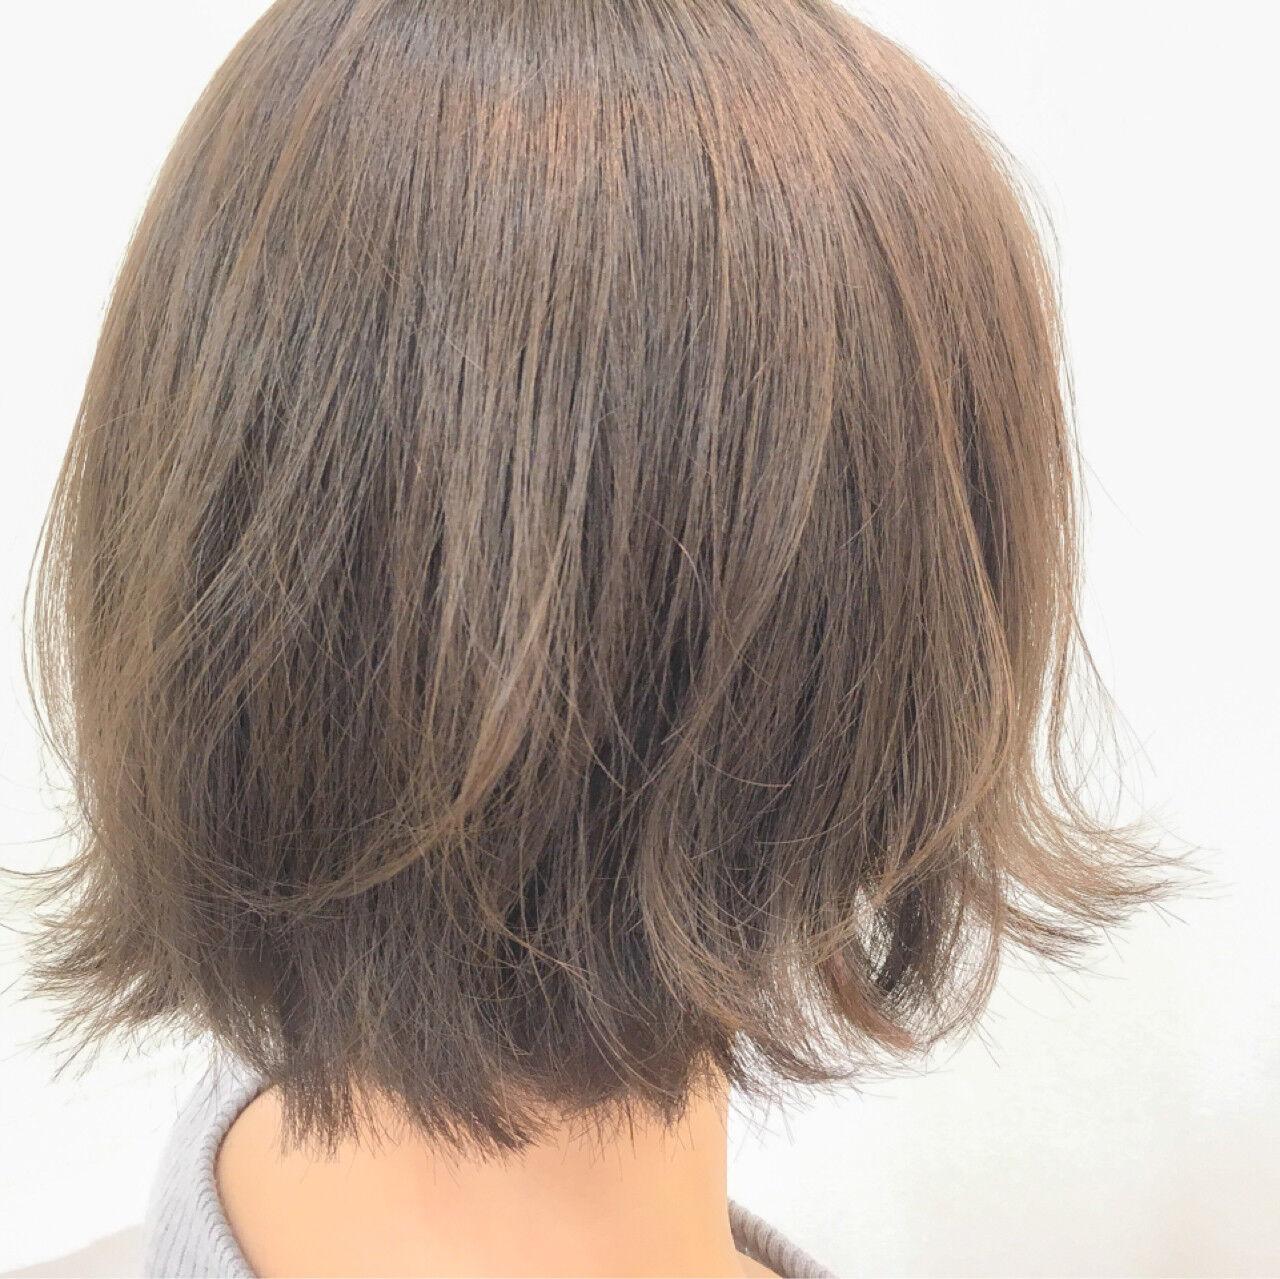 透明感 ナチュラル 外ハネ 大人女子ヘアスタイルや髪型の写真・画像